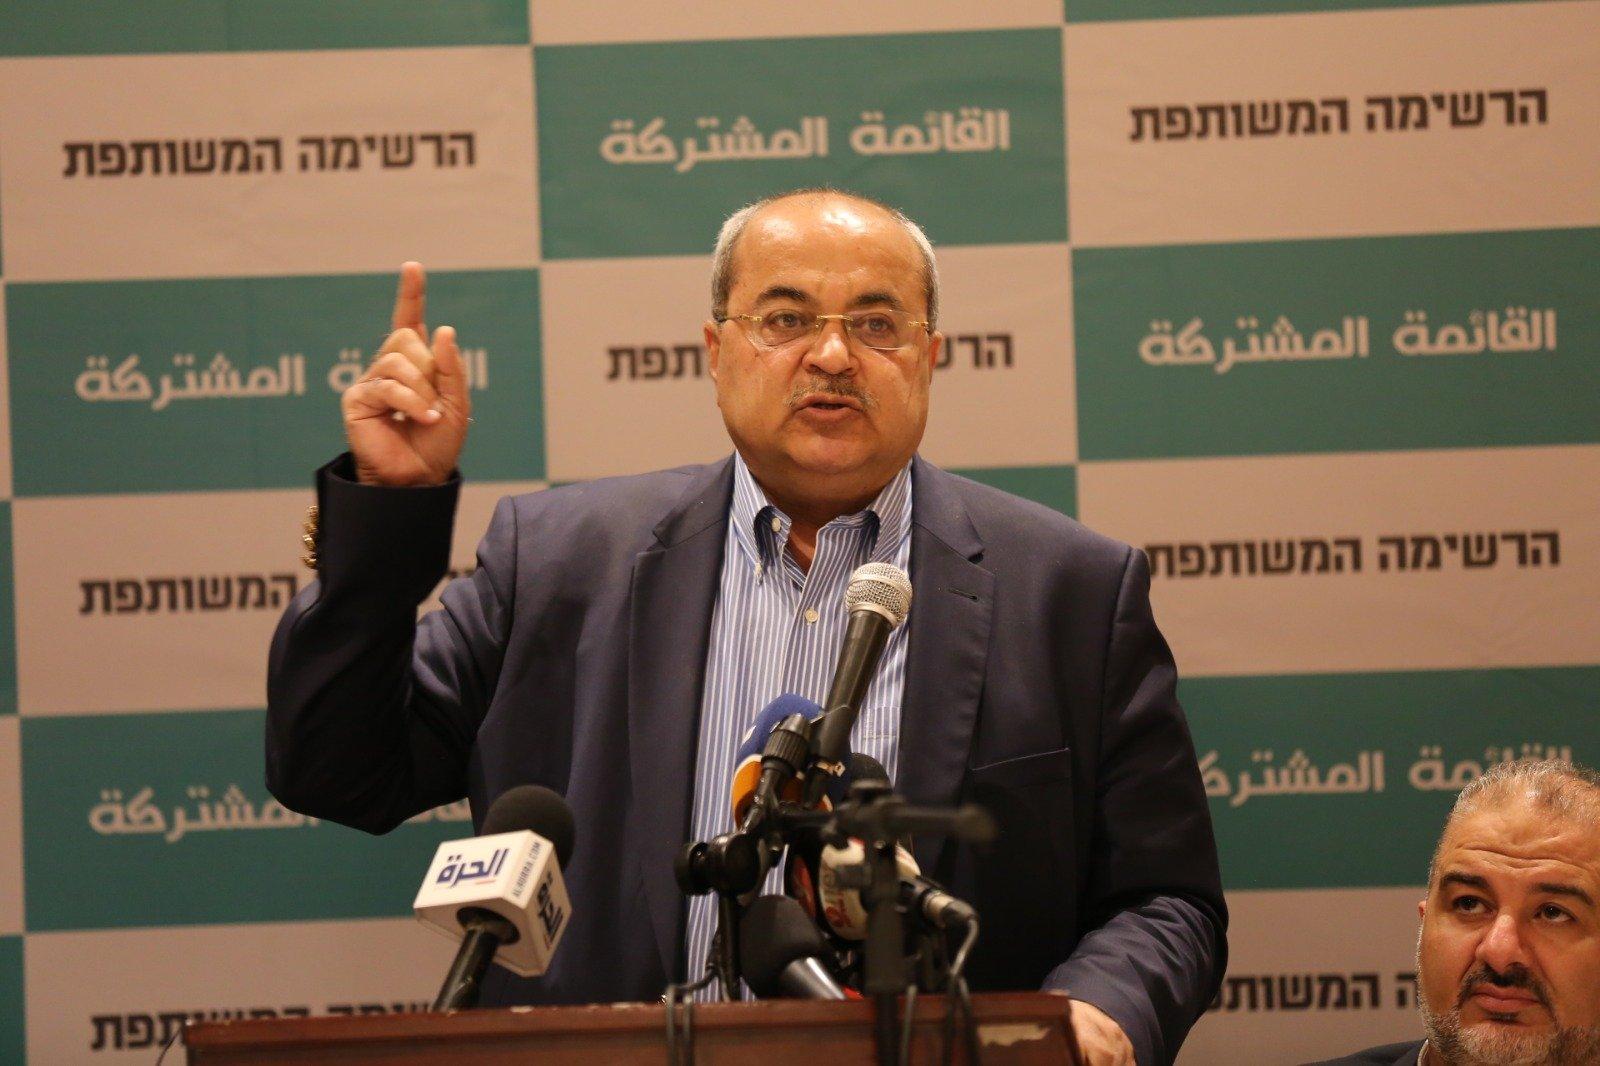 المشتركة تنطلق وتعلن...مهمتنا ايصال نسبة التصويت العربي إلى 70%